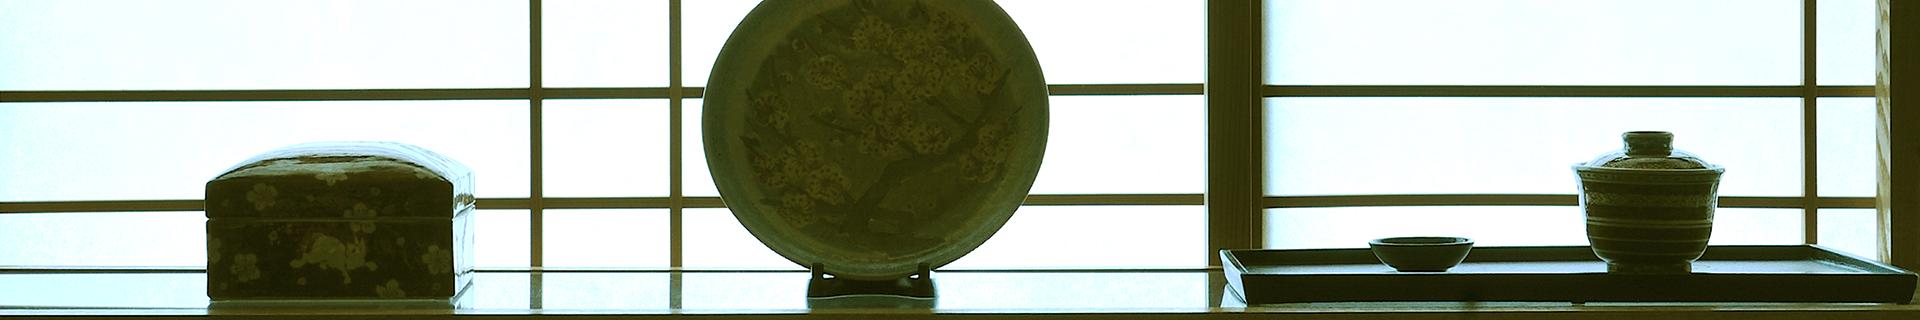 一客ブランド「椀-one-」 - うつわ「一客」 陶器 陶器 京都 大阪 東京